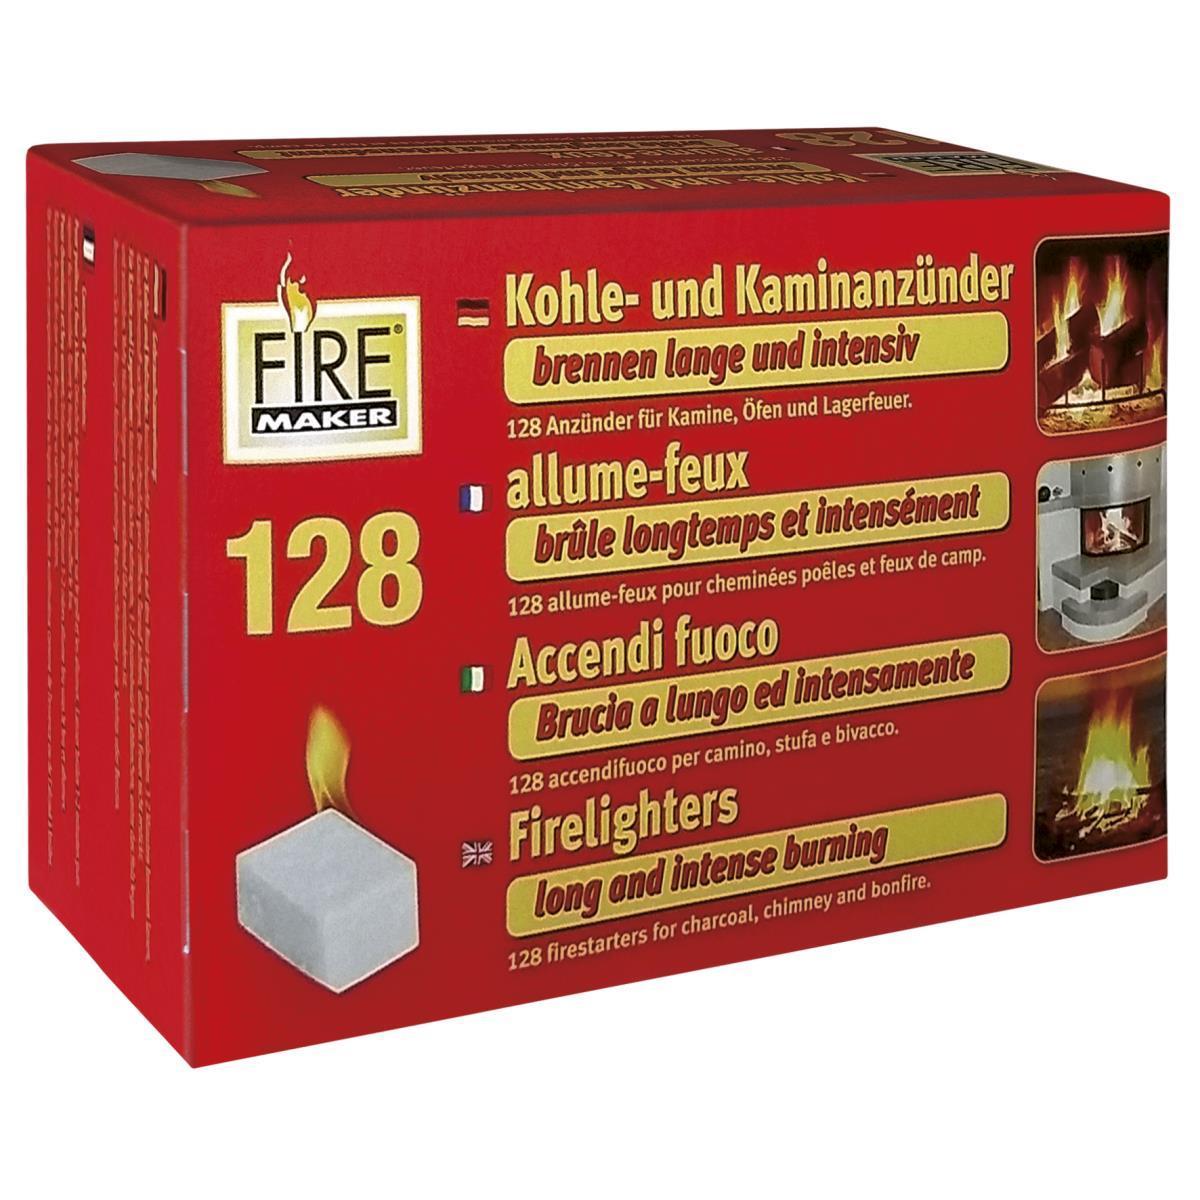 768 x Anzündwürfel Kaminanzünder Ofenanzünder Kohleanzünder Holzanzünder ,K M,0000216, 0758198328993